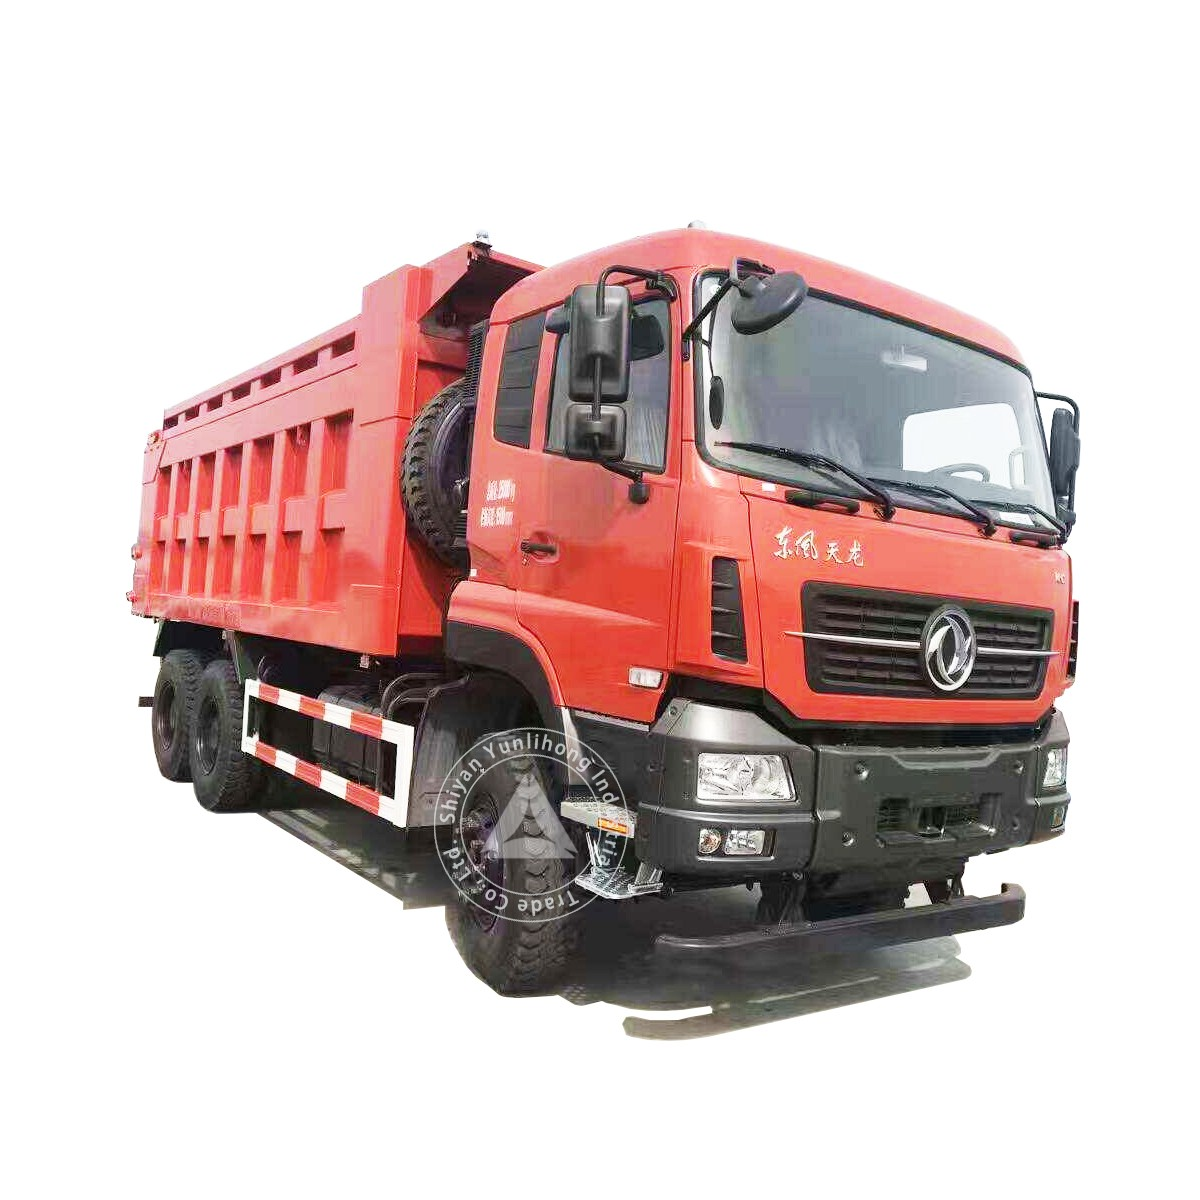 डोंगफेंग केसी 6x4 जीवीडब्ल्यू 35 टन 15 एम 3 टू 23 एम 3 डंप ट्रक